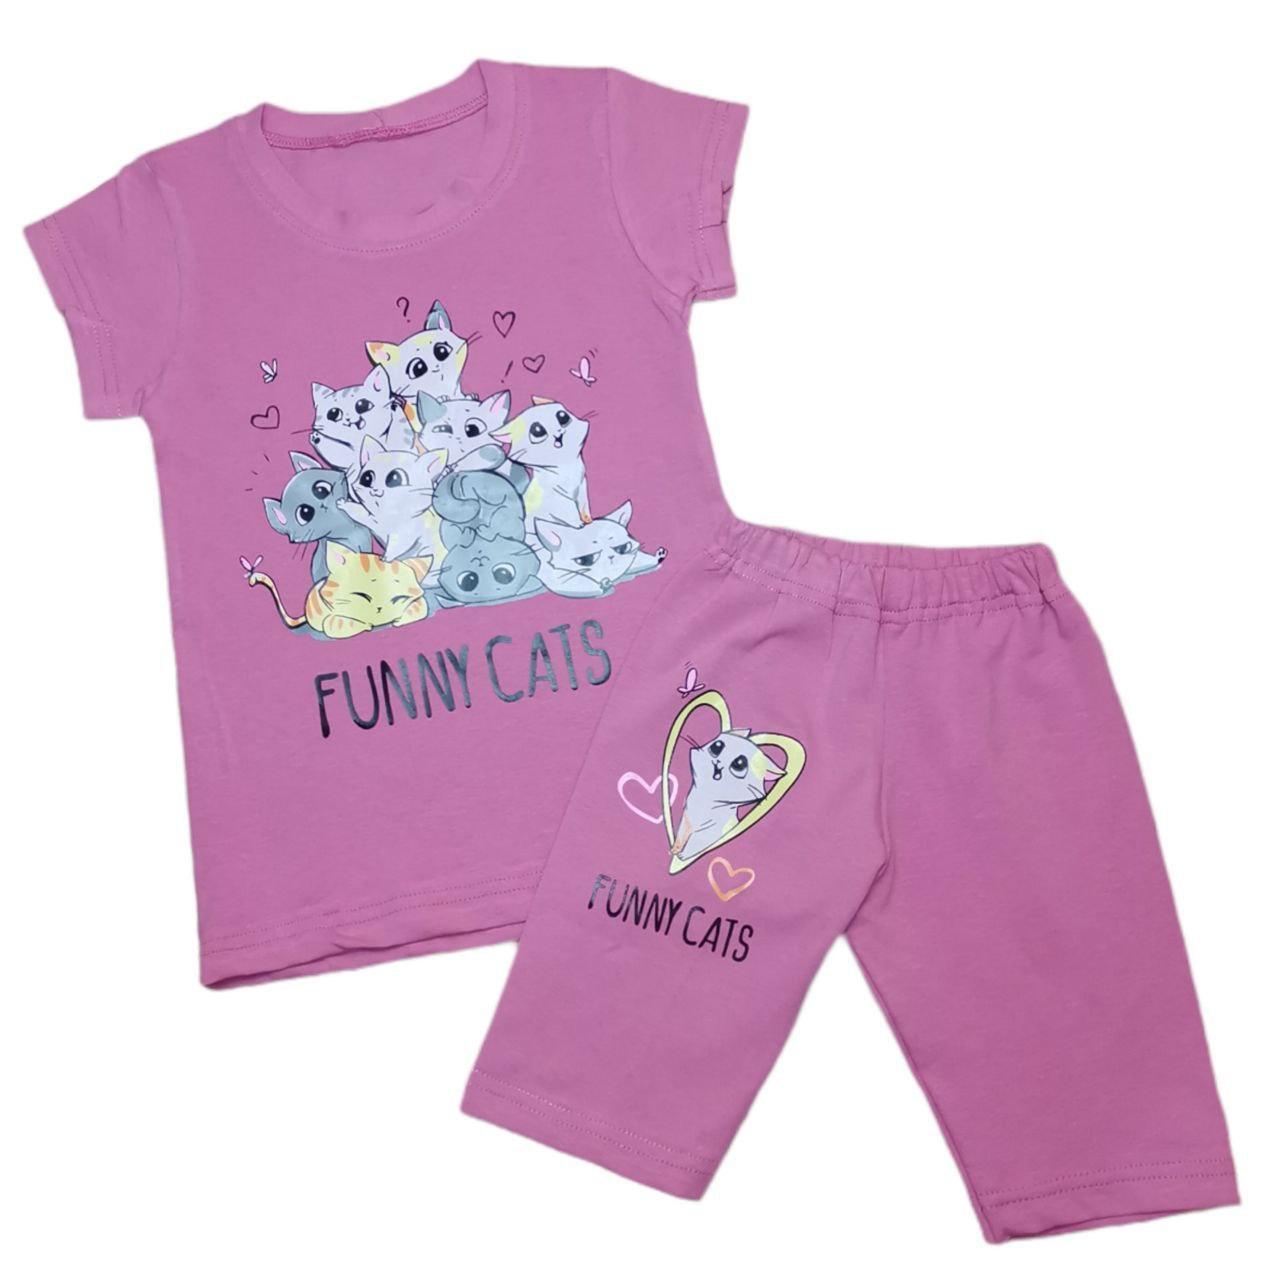 Літній комплект для дівчинки Funny Cats фулікра